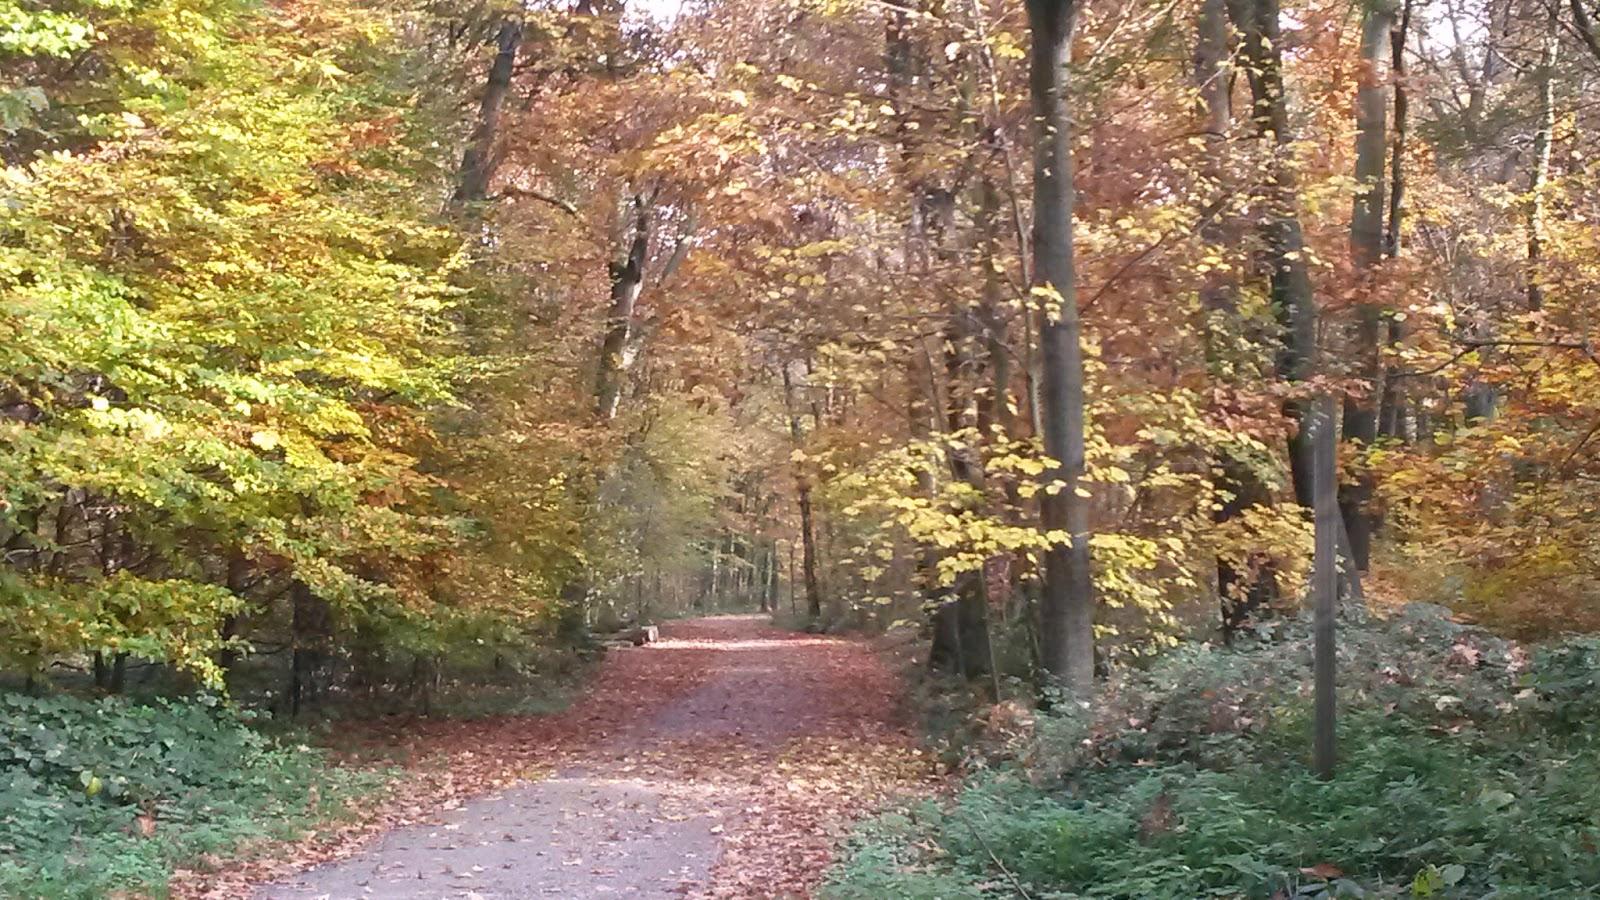 november blues Nebelig, kalt, nass - im november hat nicht nur unser immunsystem zu kämpfen  auch unserer stimmung kann das zu schaffen machen.